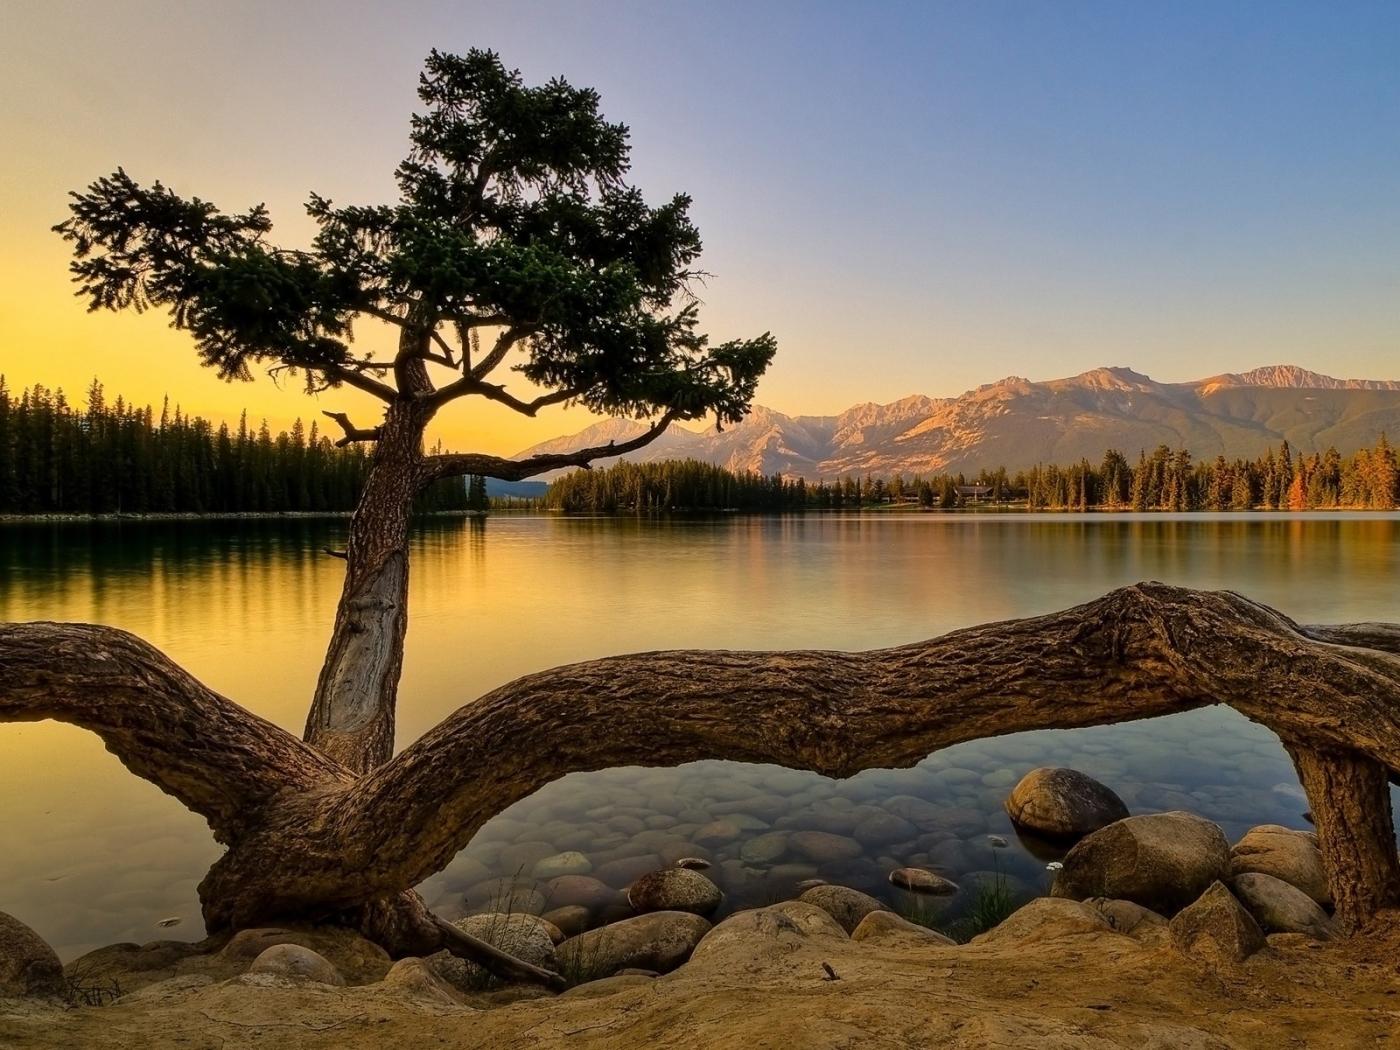 27733 скачать обои Пейзаж, Река, Деревья - заставки и картинки бесплатно